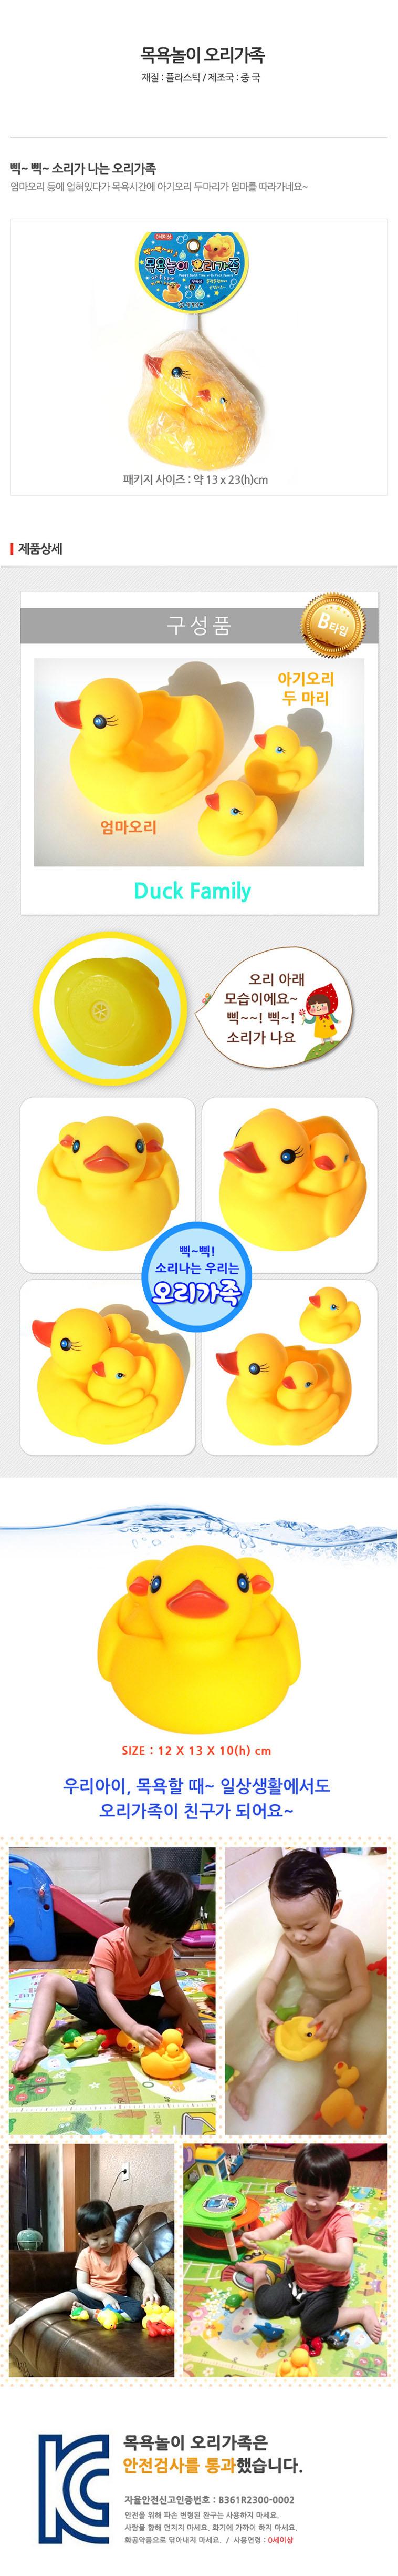 오리가족 목욕놀이 - 토이천국, 3,900원, 목욕용품, 목욕장난감/소품